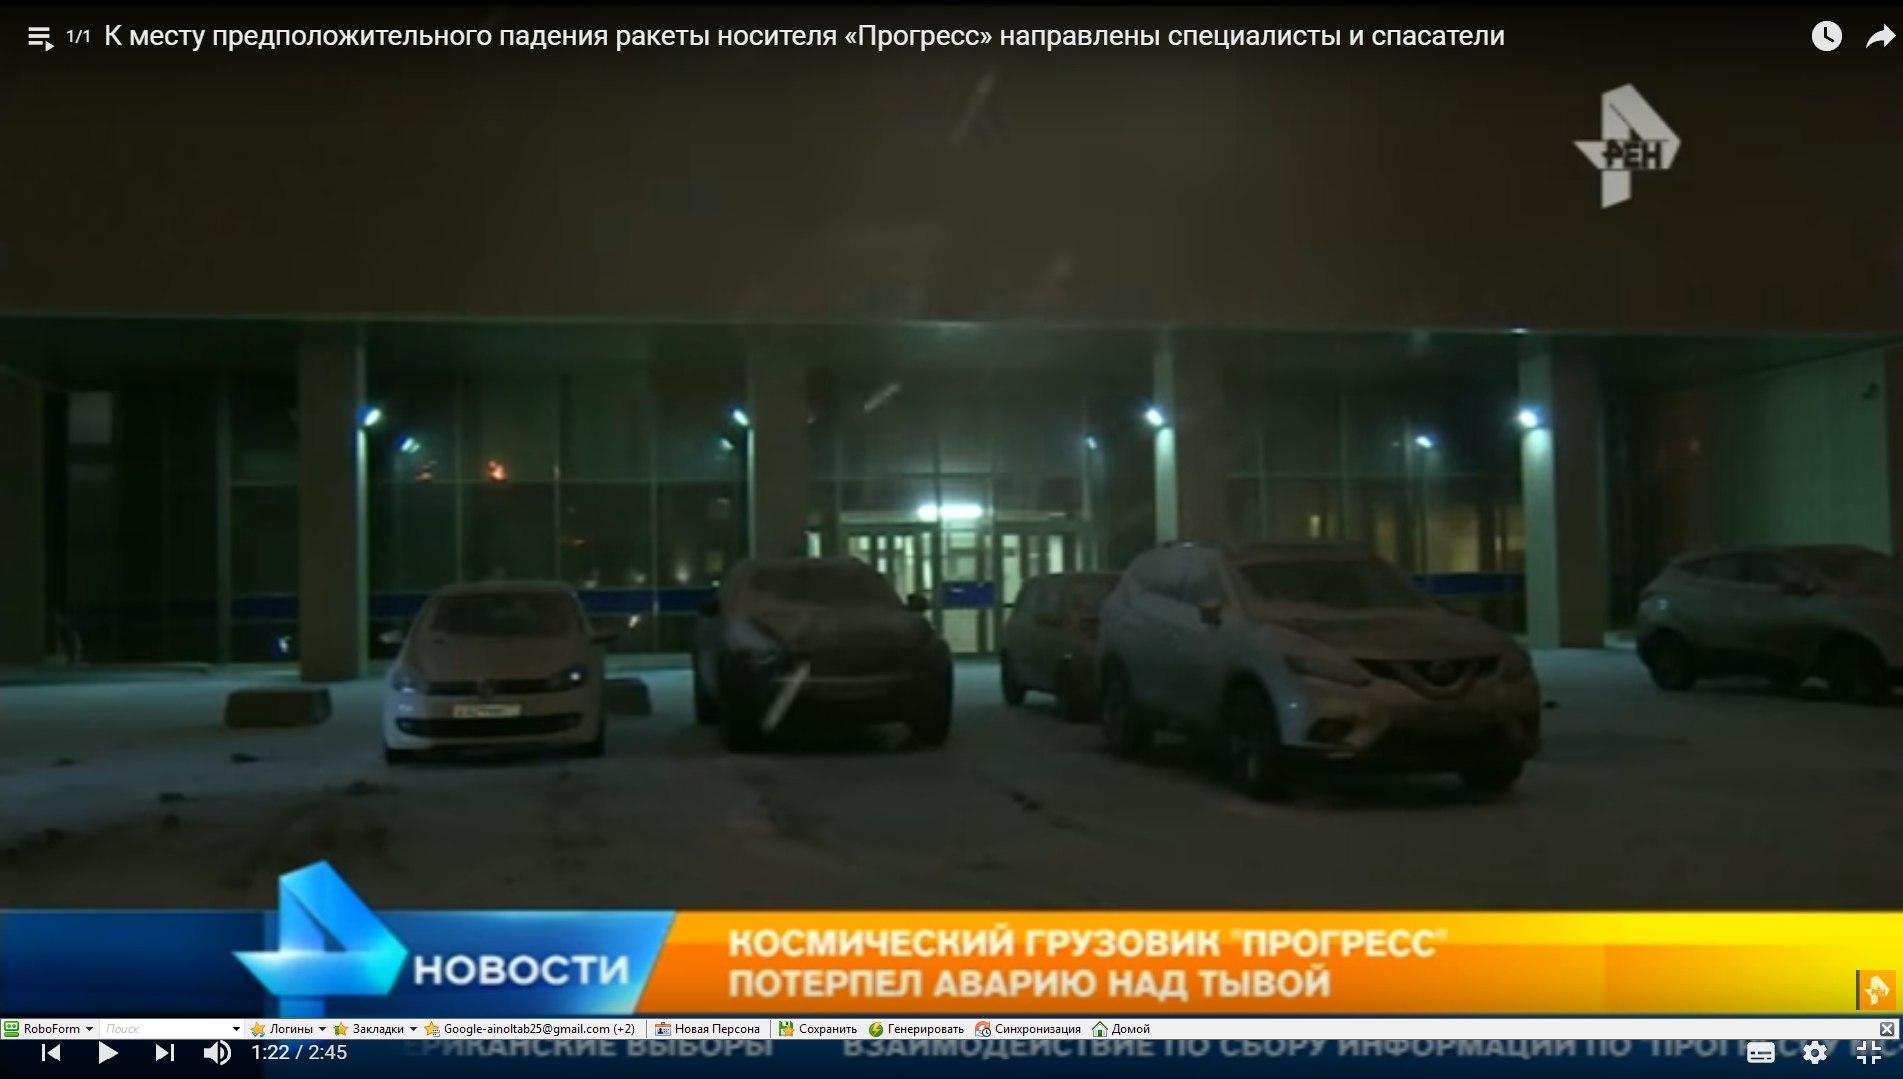 Полицейские были расстреляны в маркированной машине, - пресс-секретарь областной полиции Жукович - Цензор.НЕТ 9685